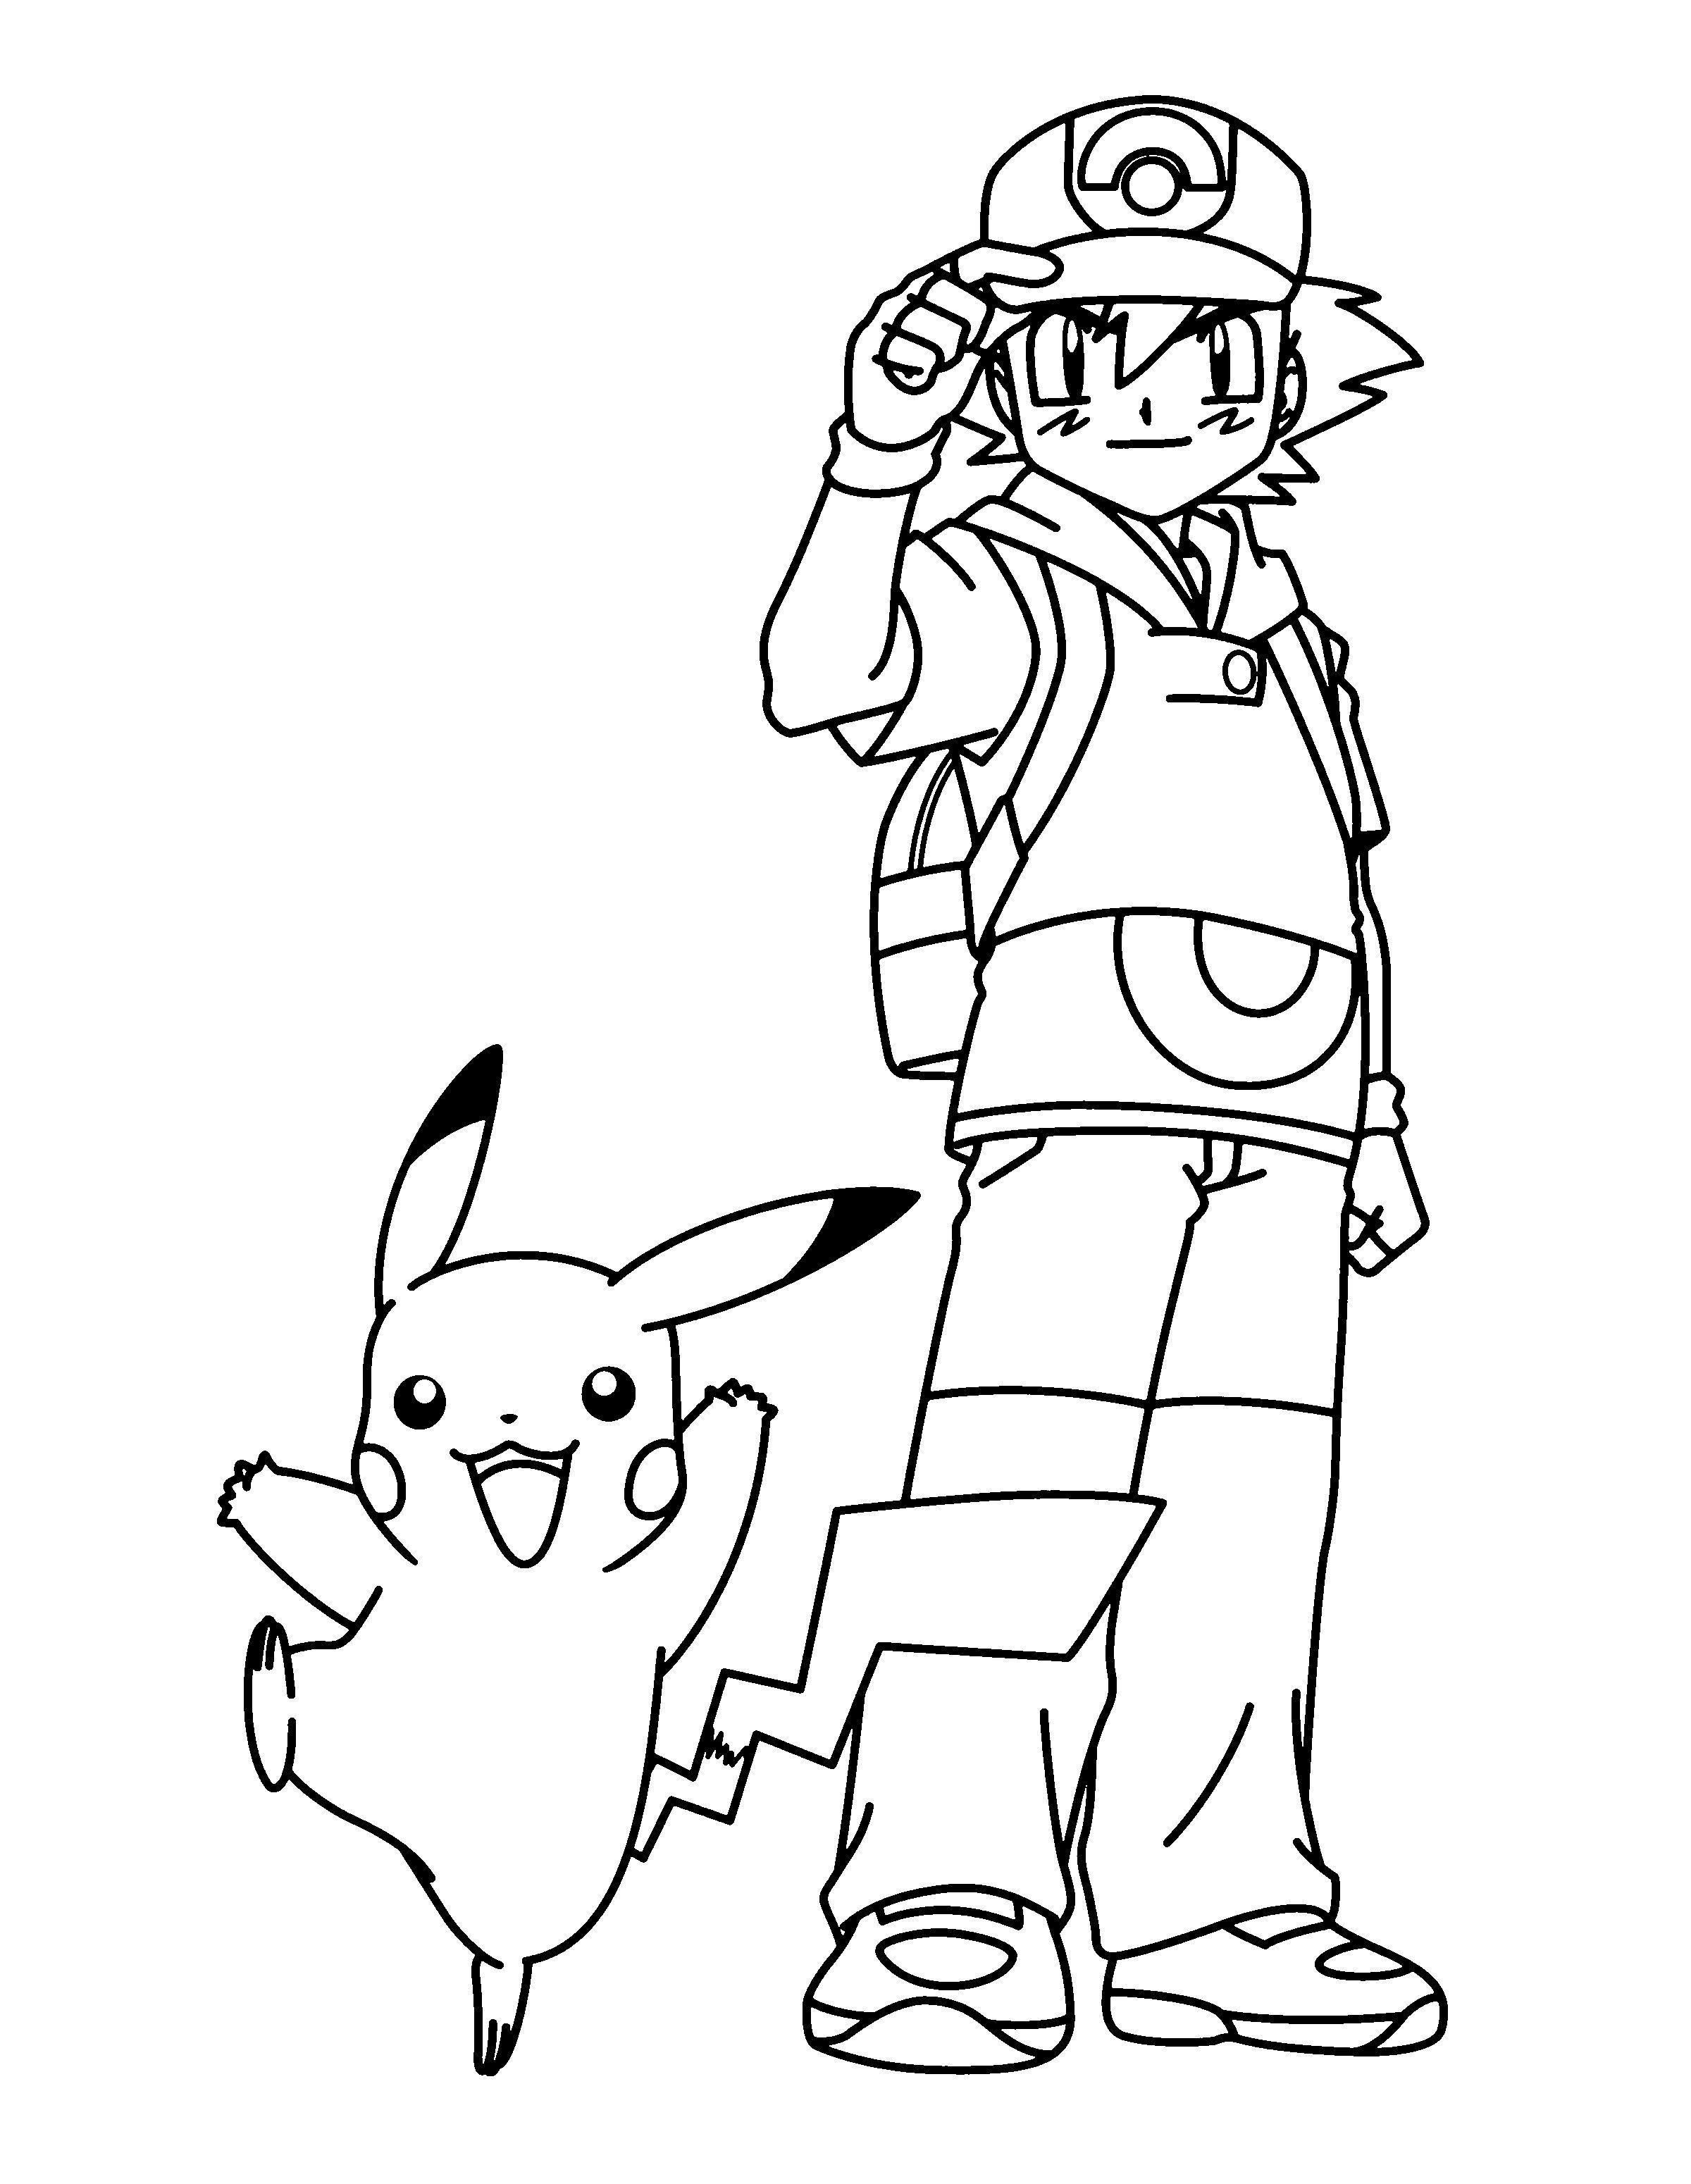 Pokemon Ash Ketchum Coloring Page Pokemon Coloring Pikachu